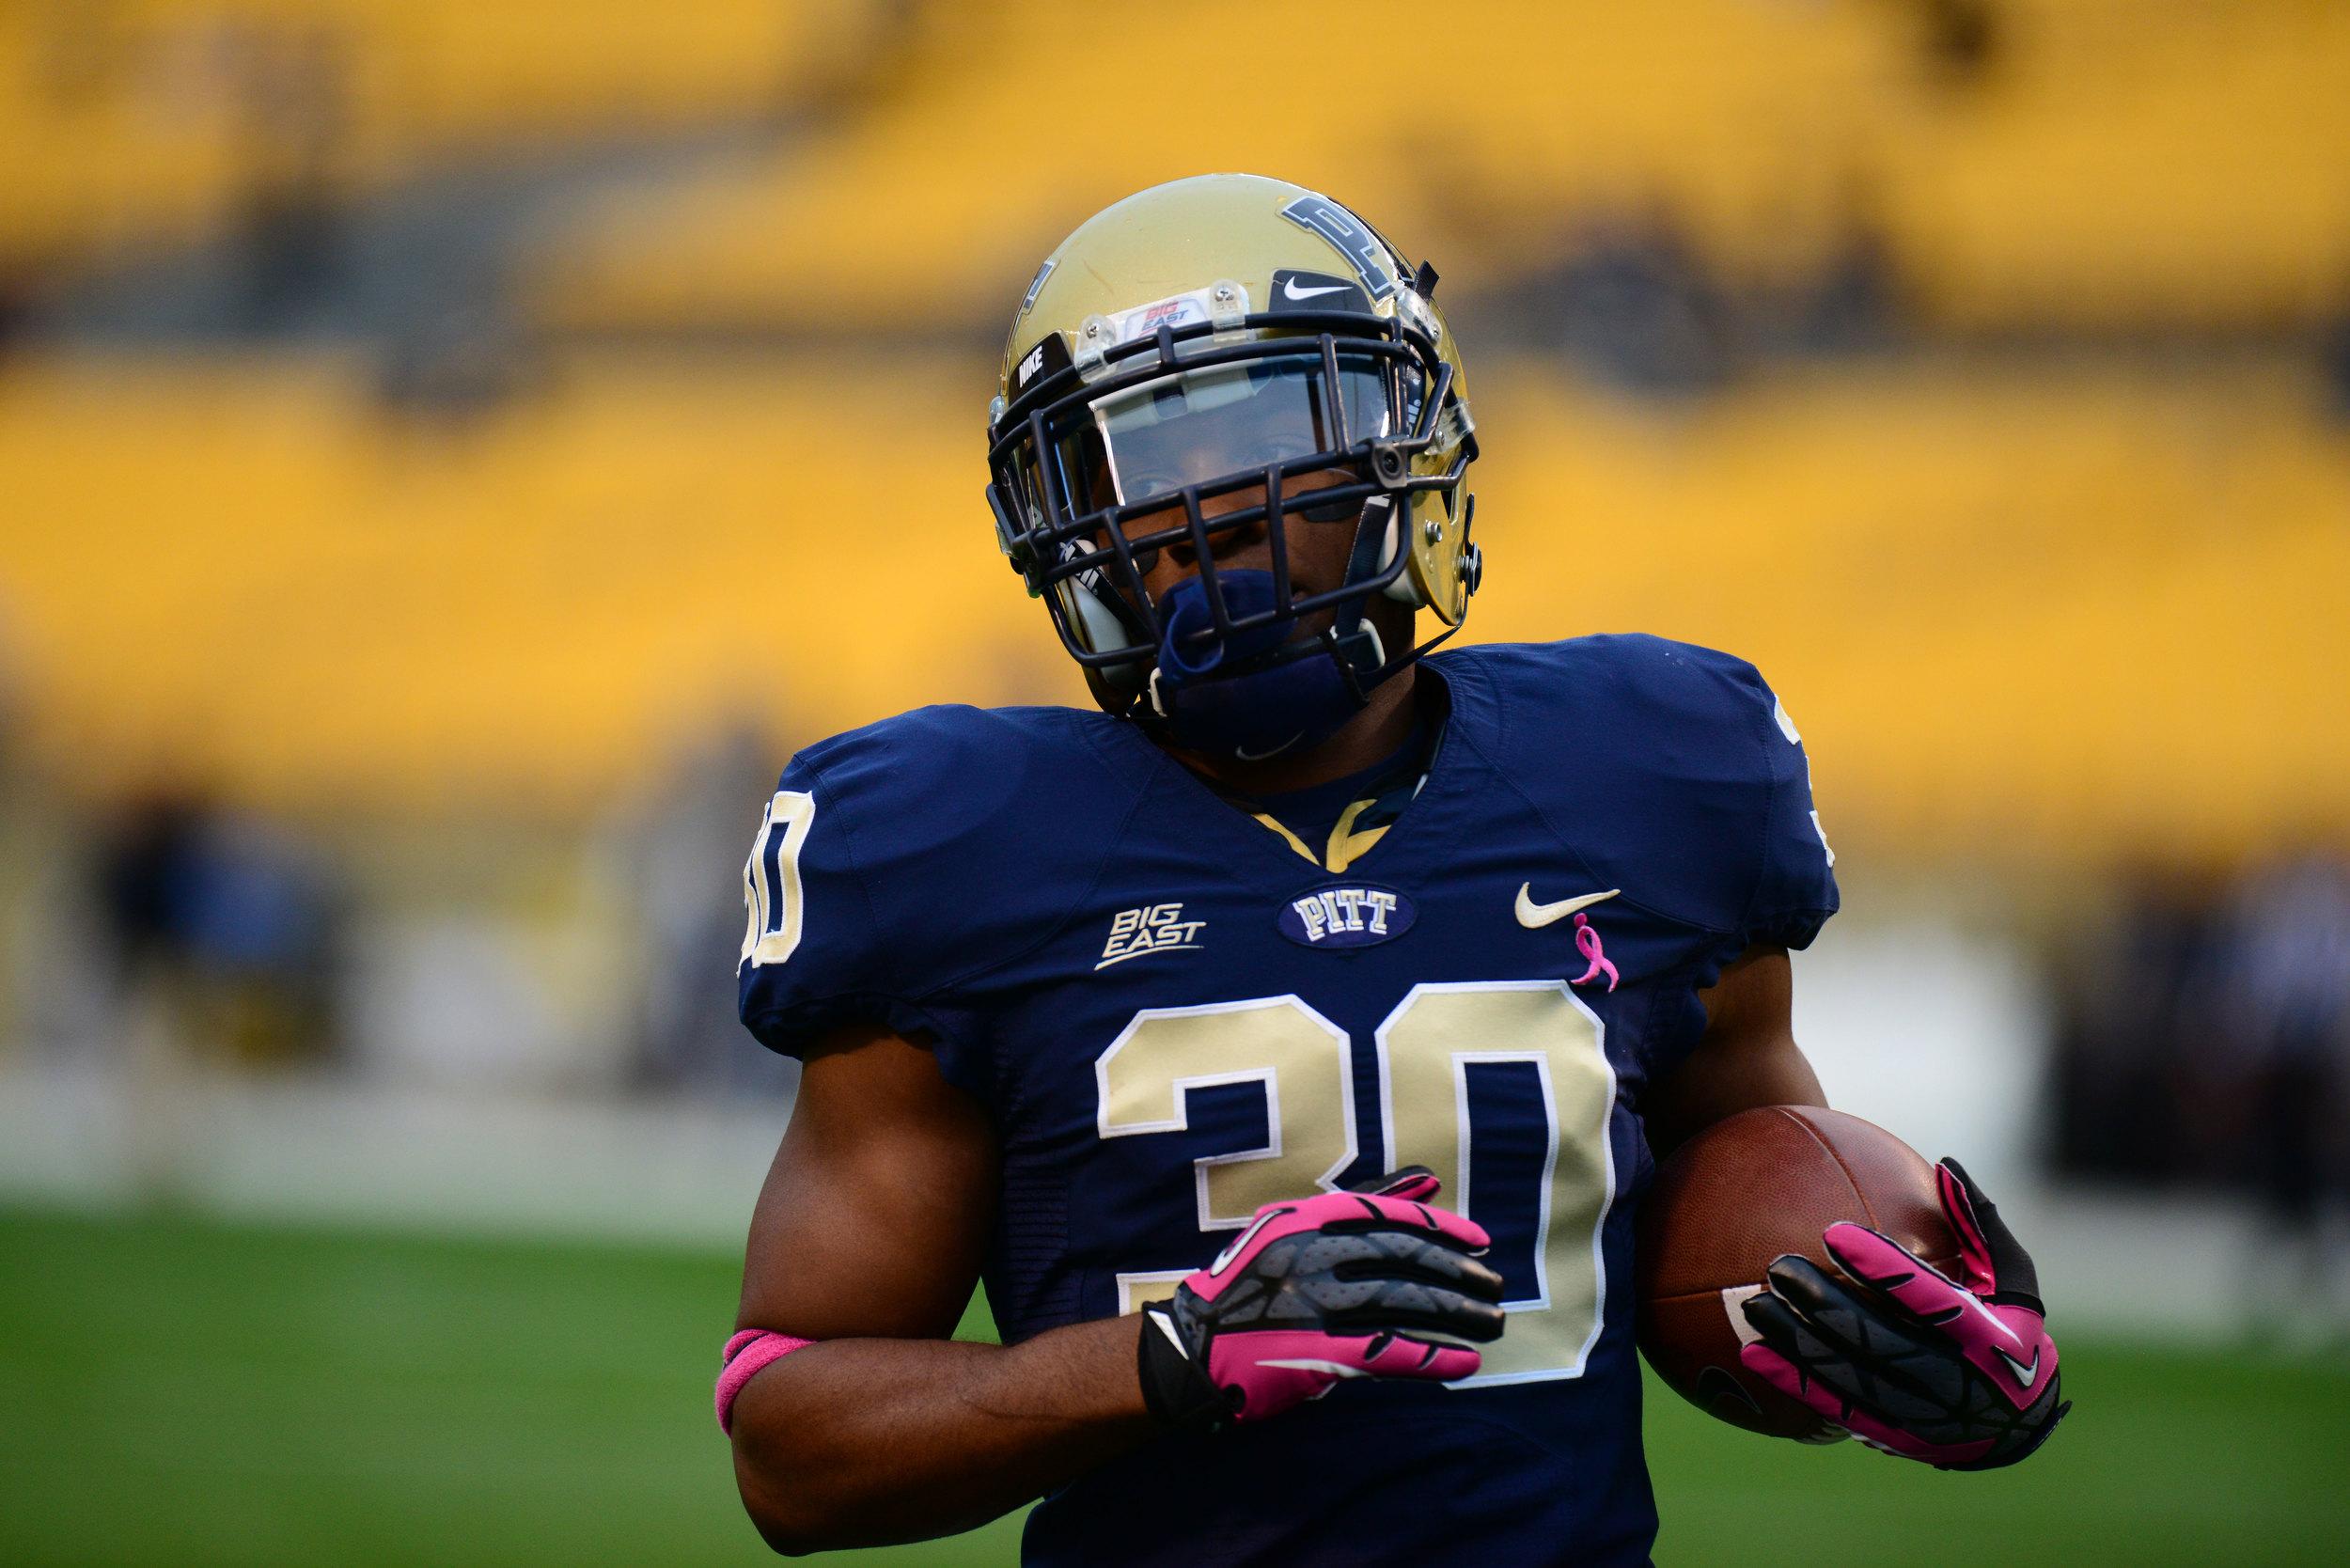 152-Pitt-RB-Desmond-Brown-2012.jpg